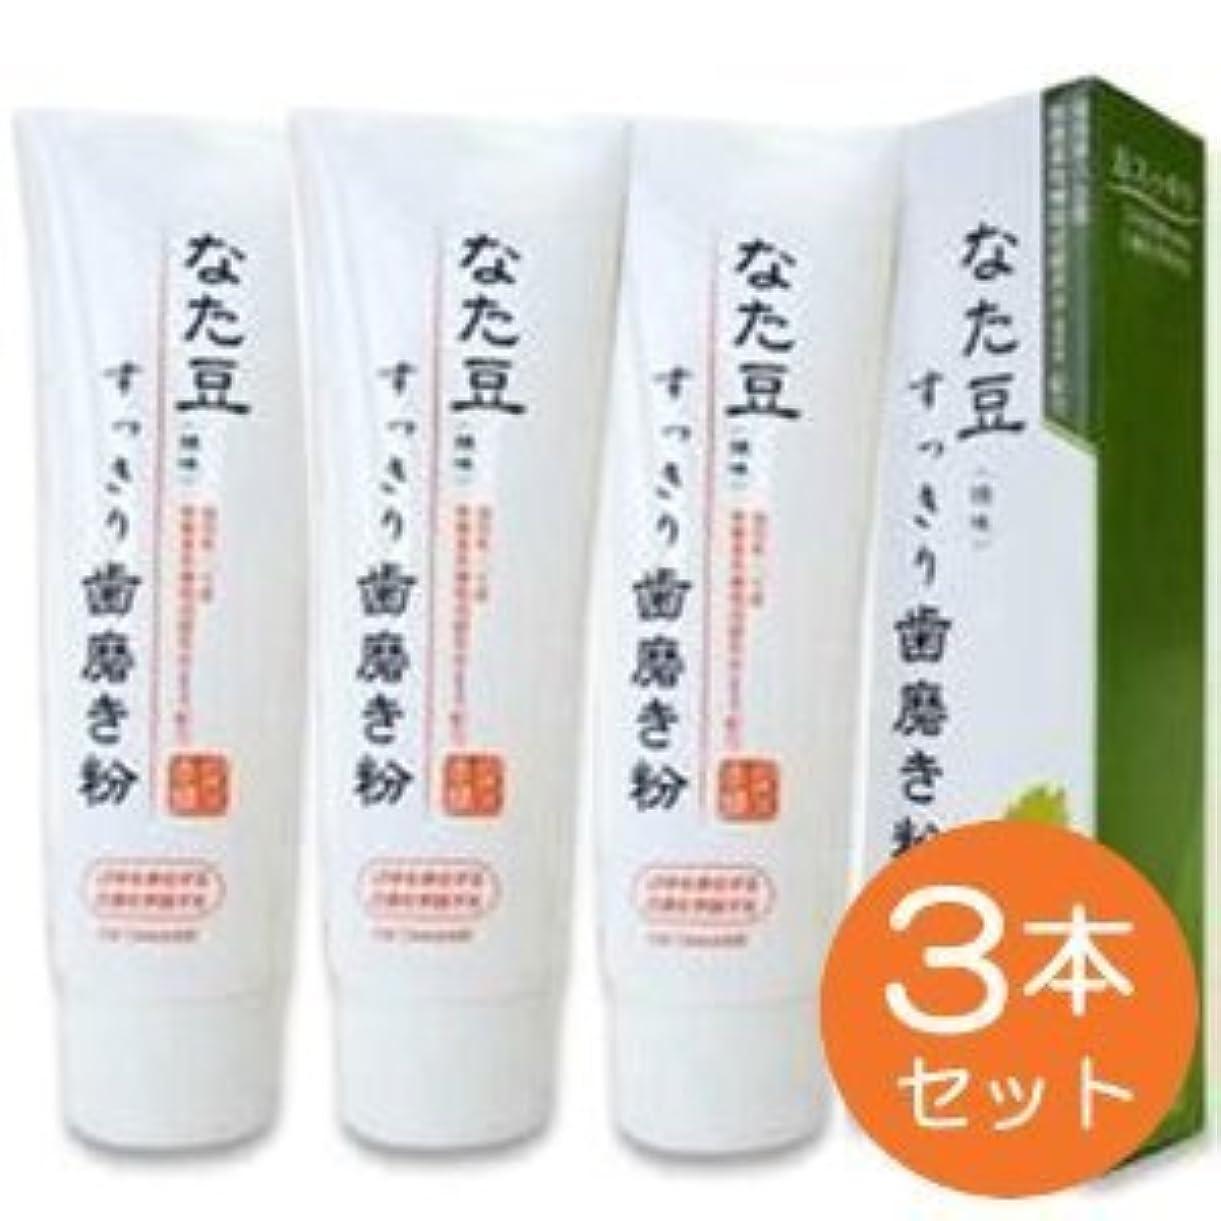 監査アート百科事典なた豆すっきり歯磨き粉(120g)3本セット